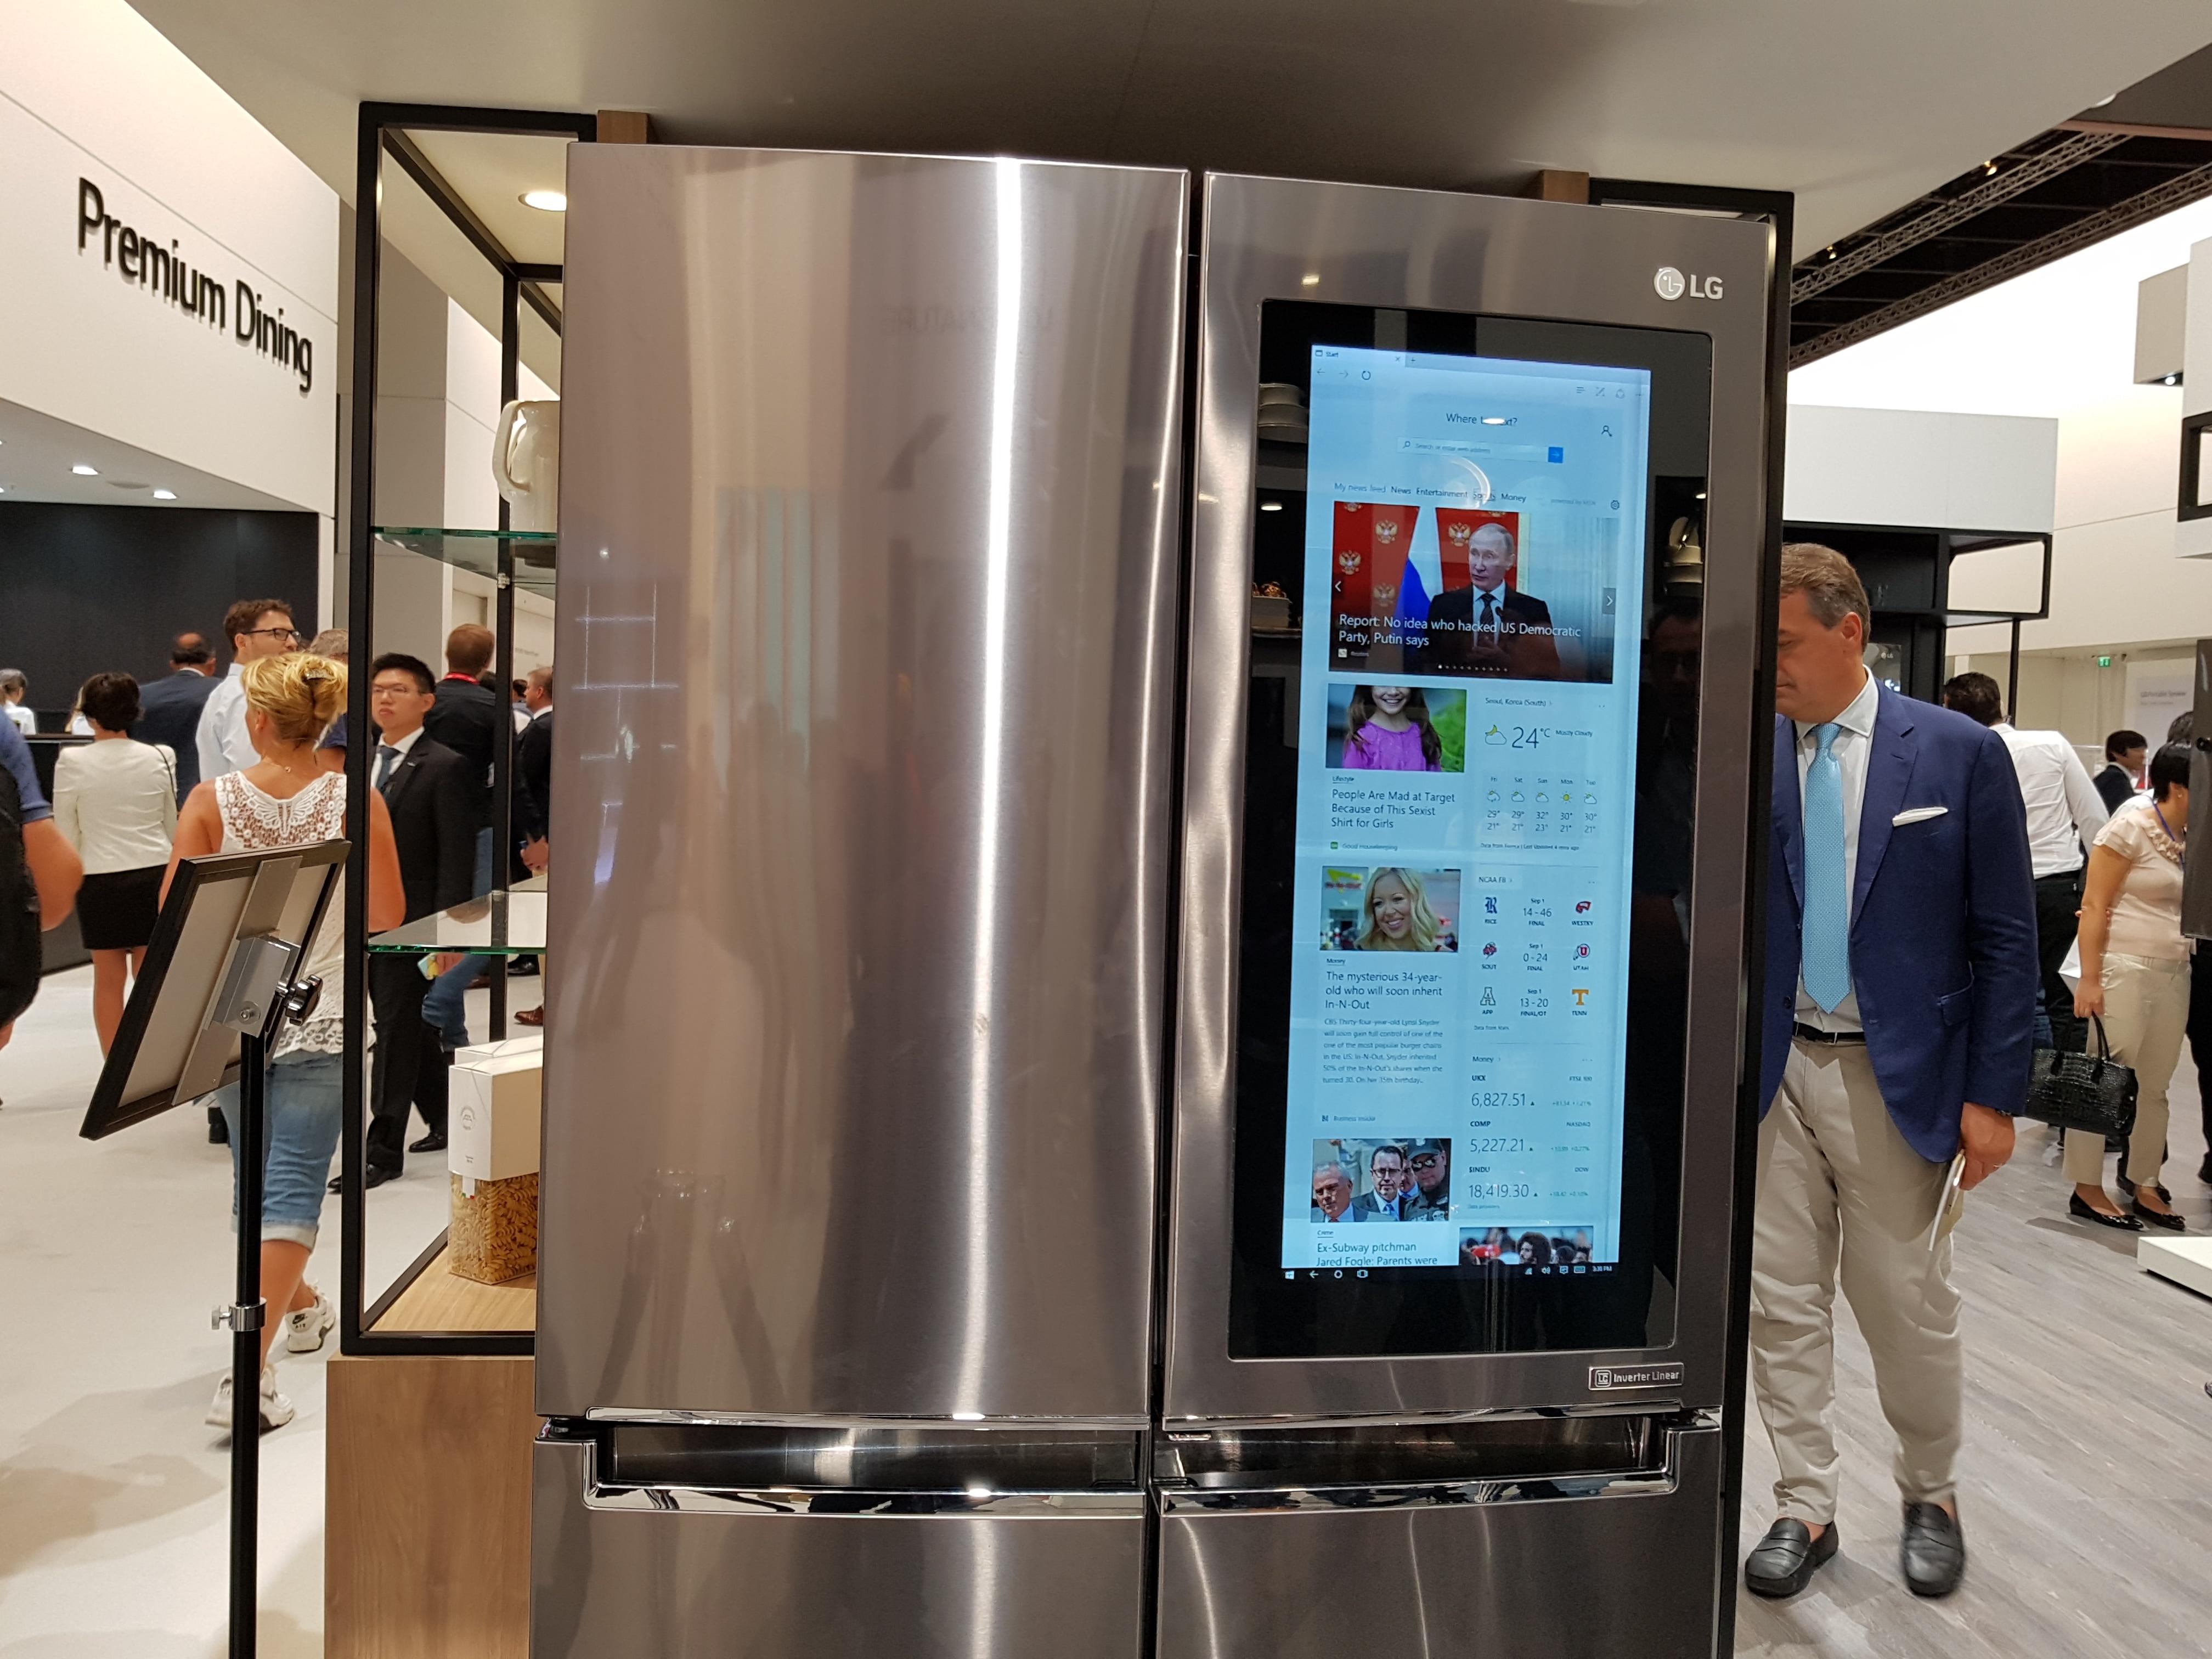 LG Frigo Windows 10 – 3